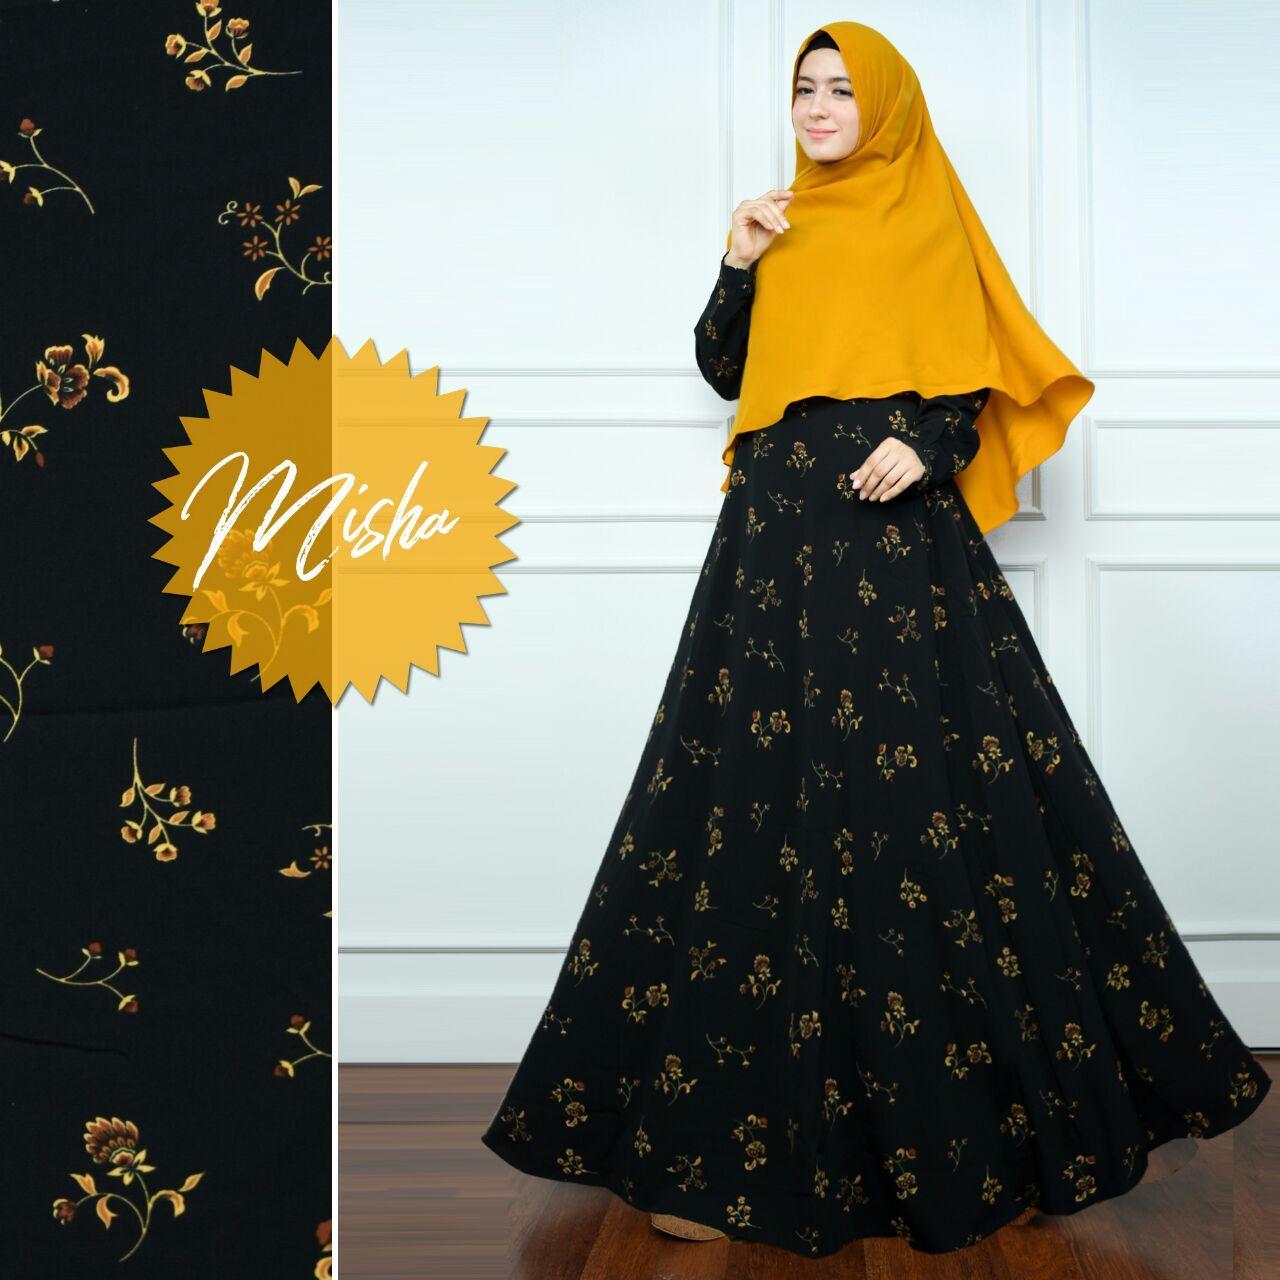 ... Kemeja Murni Atasan Wol (Merah Anggur (Leher. Source · Anggun Gamis – Fashion Wanita - Gamis Muslimah – Bahan Monalisa – Misha – hitam